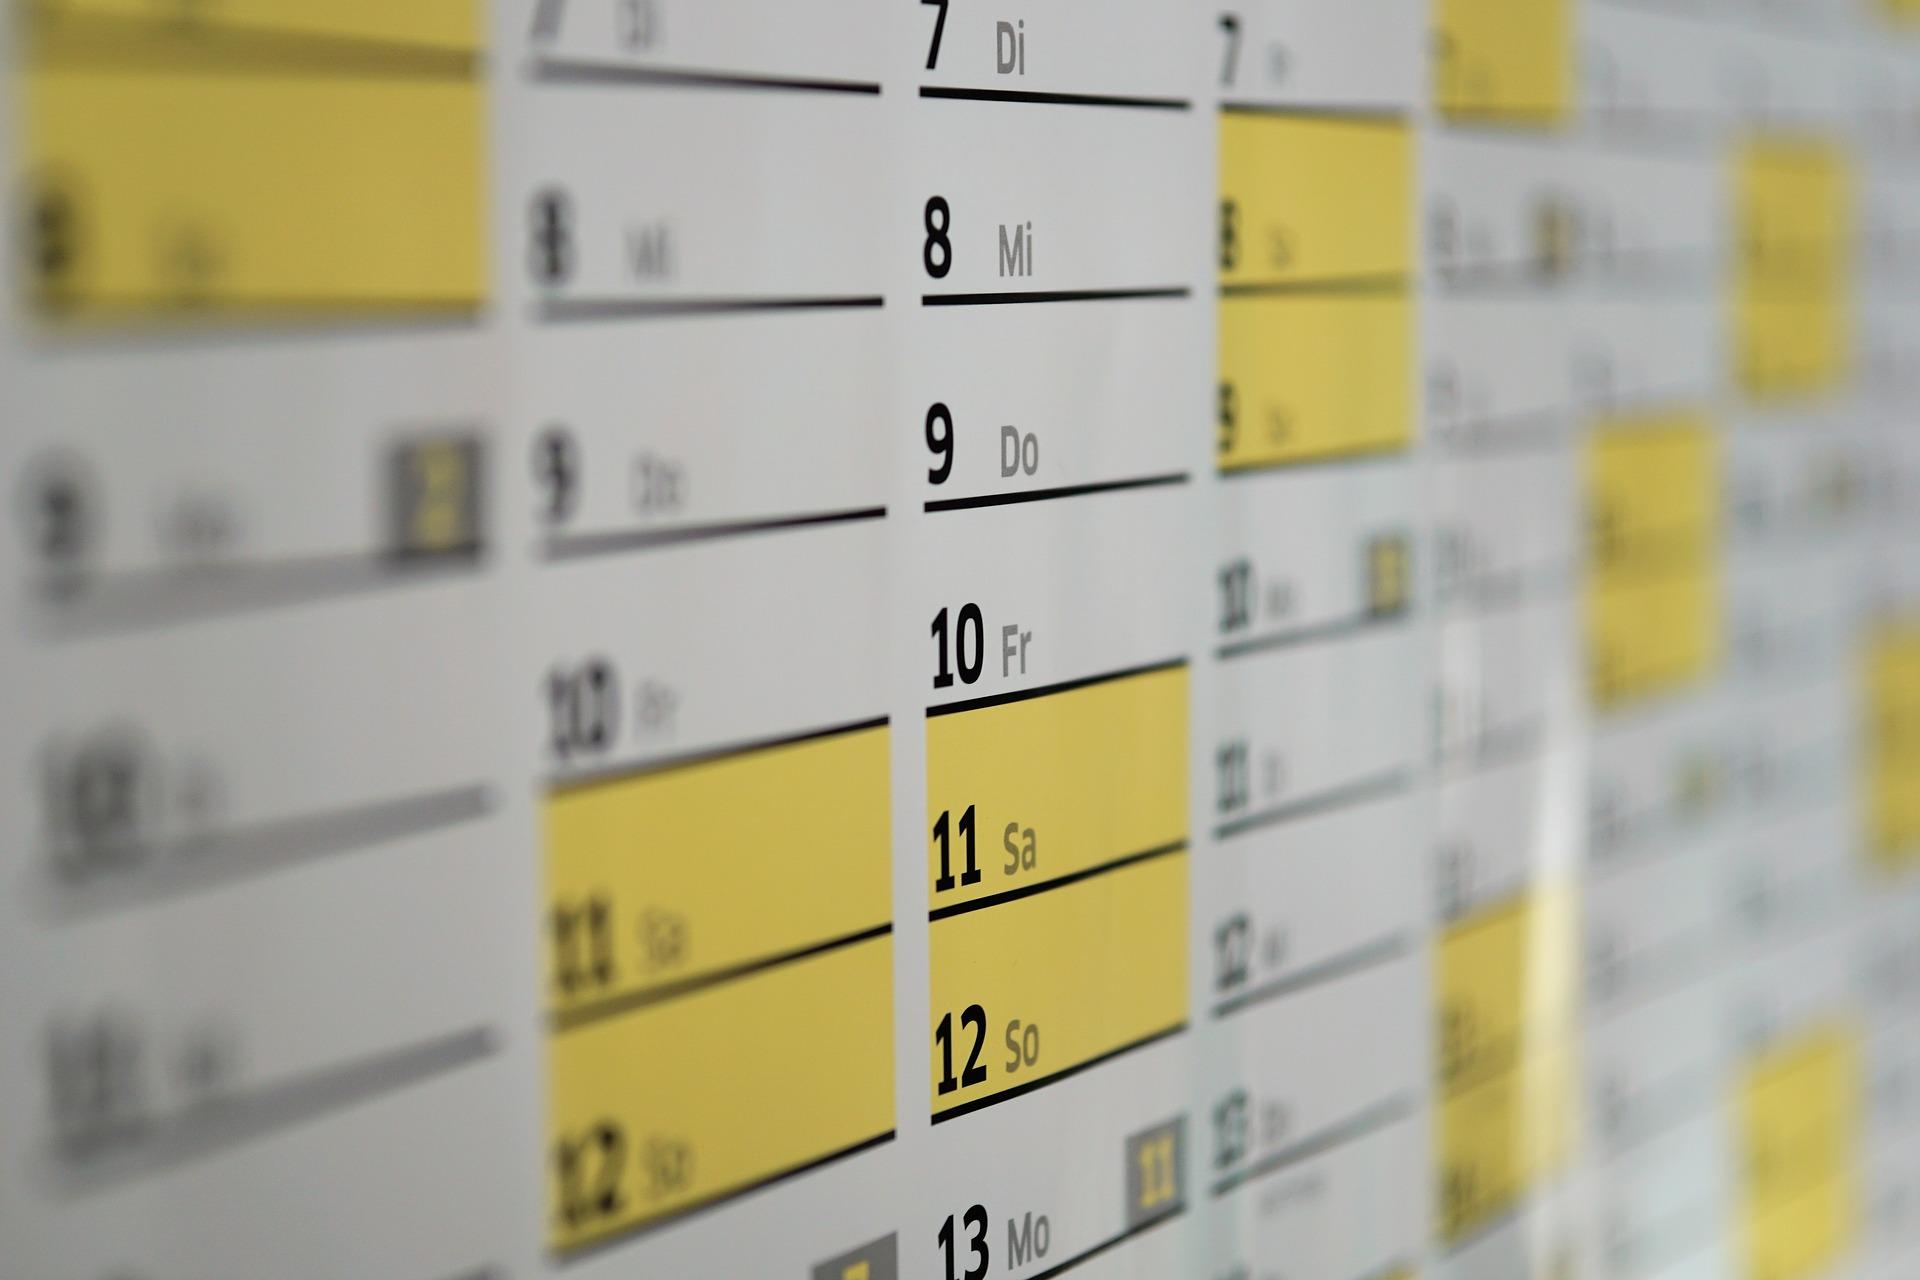 Terminplanung mit Microsoft Bookings – mein Erfahrungsbericht nach 8 Wochen Dauereinsatz